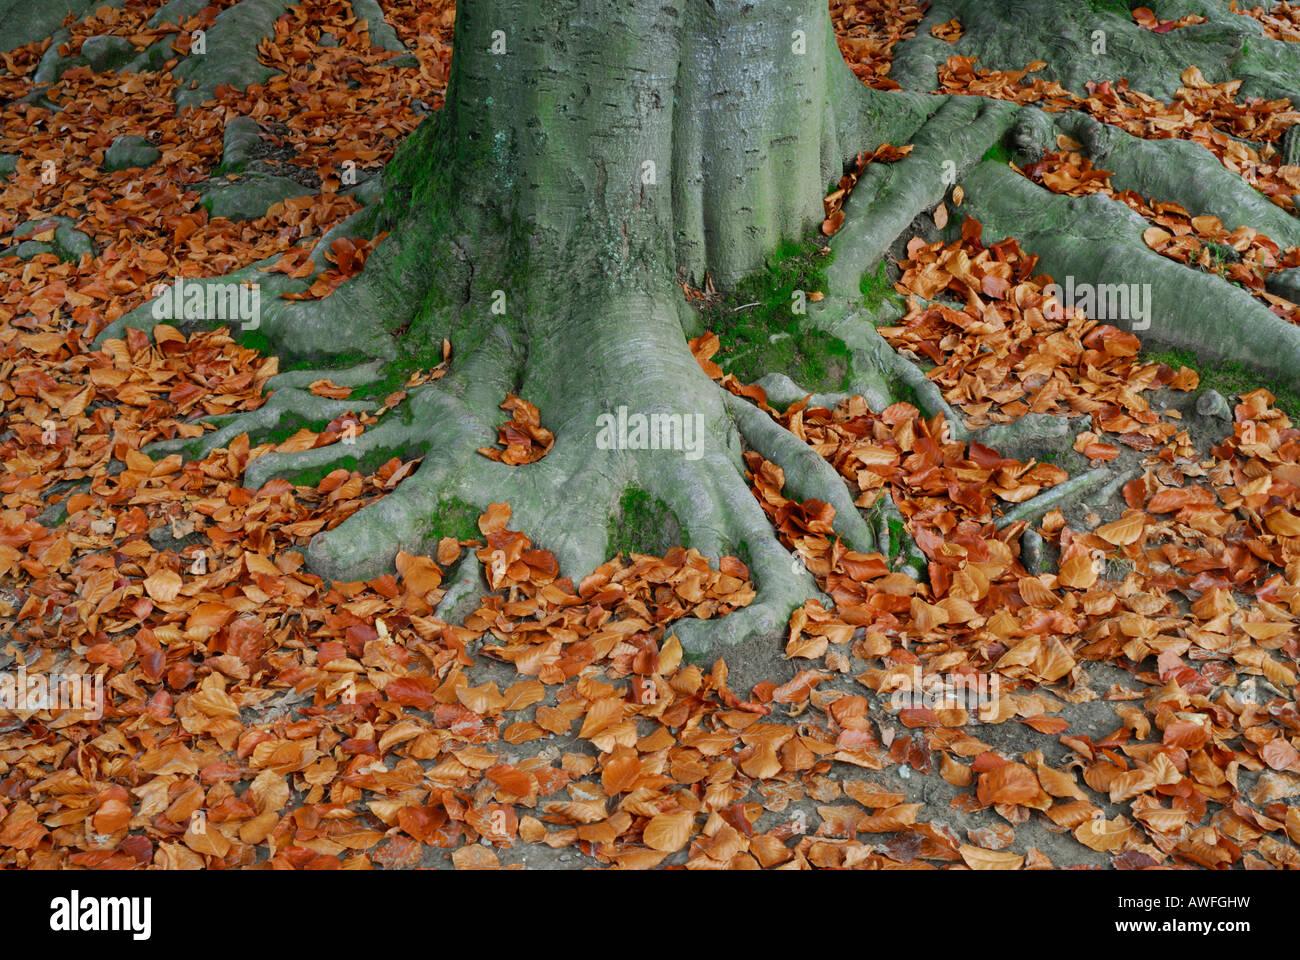 Europea di faggio (Fagus sylvatica) radici circondato da fogliame di autunno Foto Stock